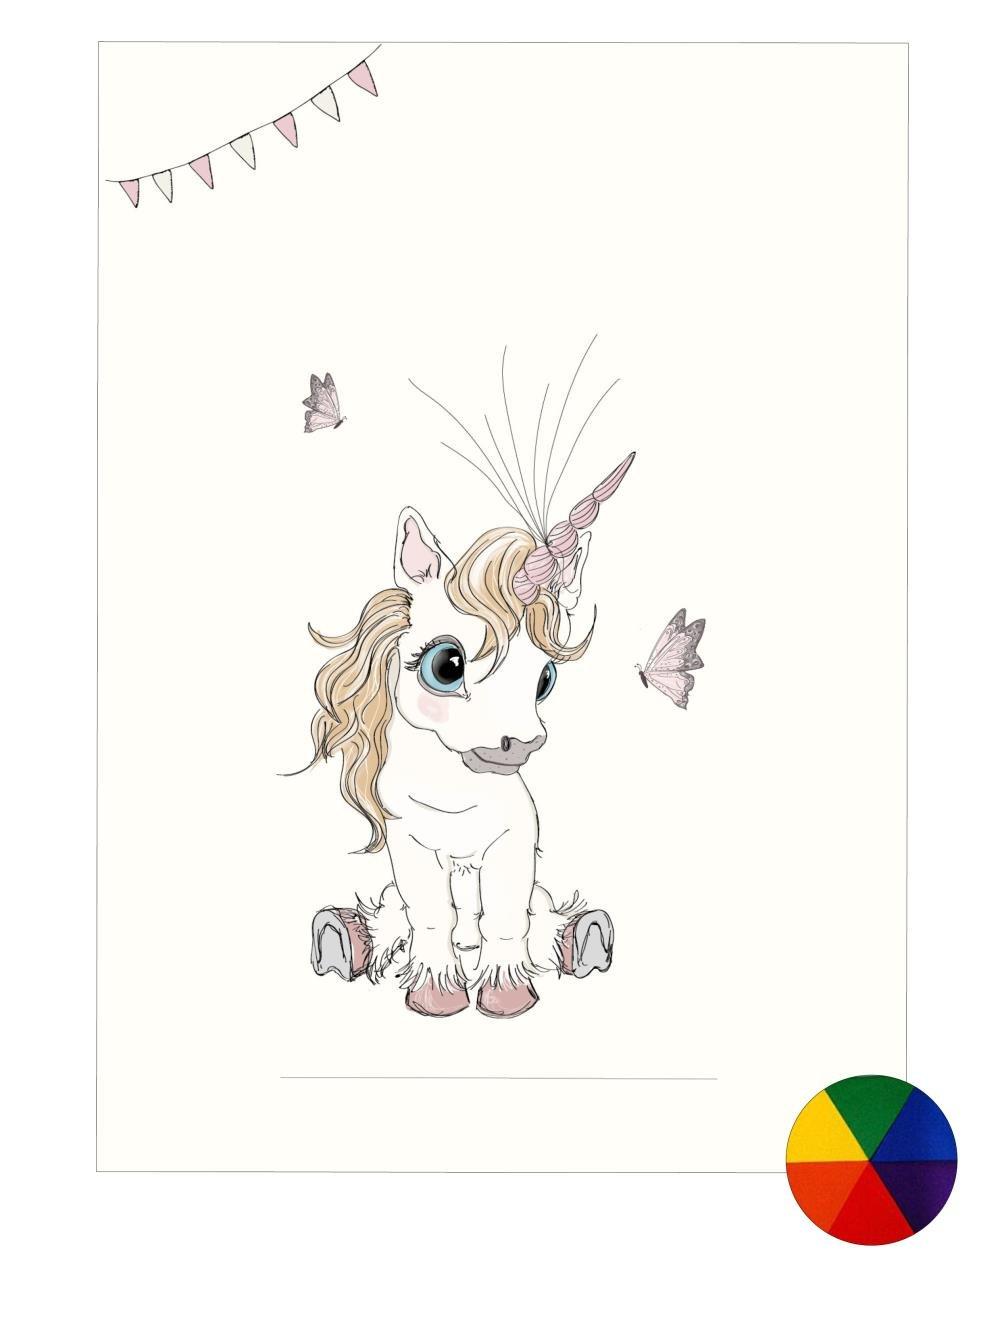 Plakat A3 - Baby unicorn Fluffy multifarvet - Fingerprint